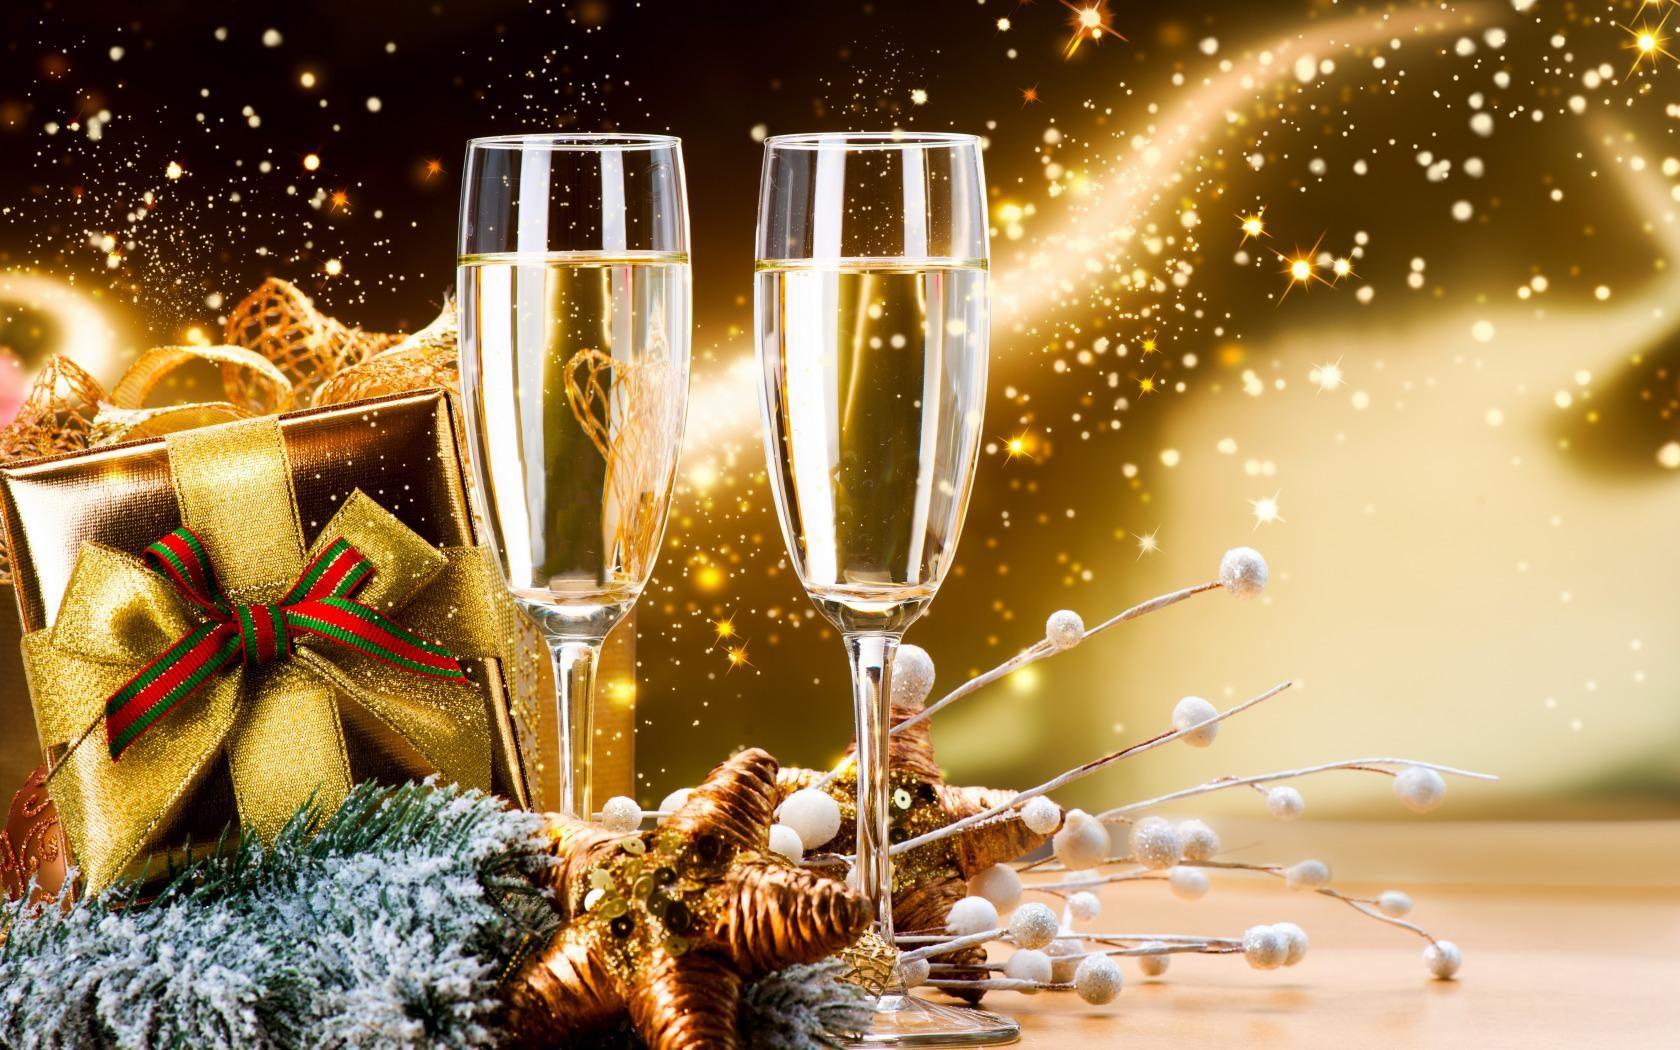 Автобусная экскурсия «Новый год и брызги шампанского» – события на сайте «Московские Сезоны»